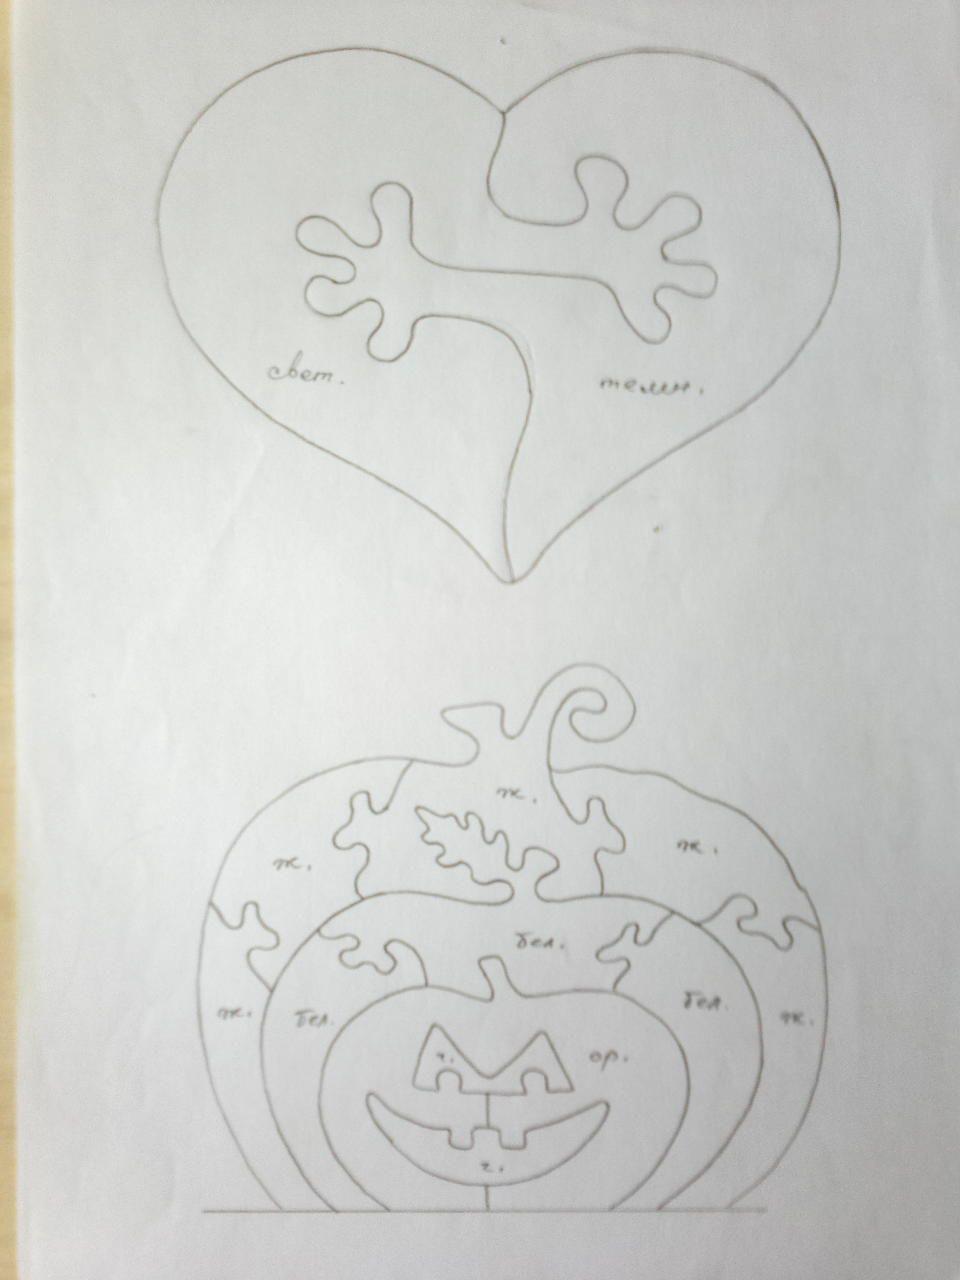 23591_5337d63e36bbe.jpg 960X1280 px   Wooden Toys   Pinterest ...